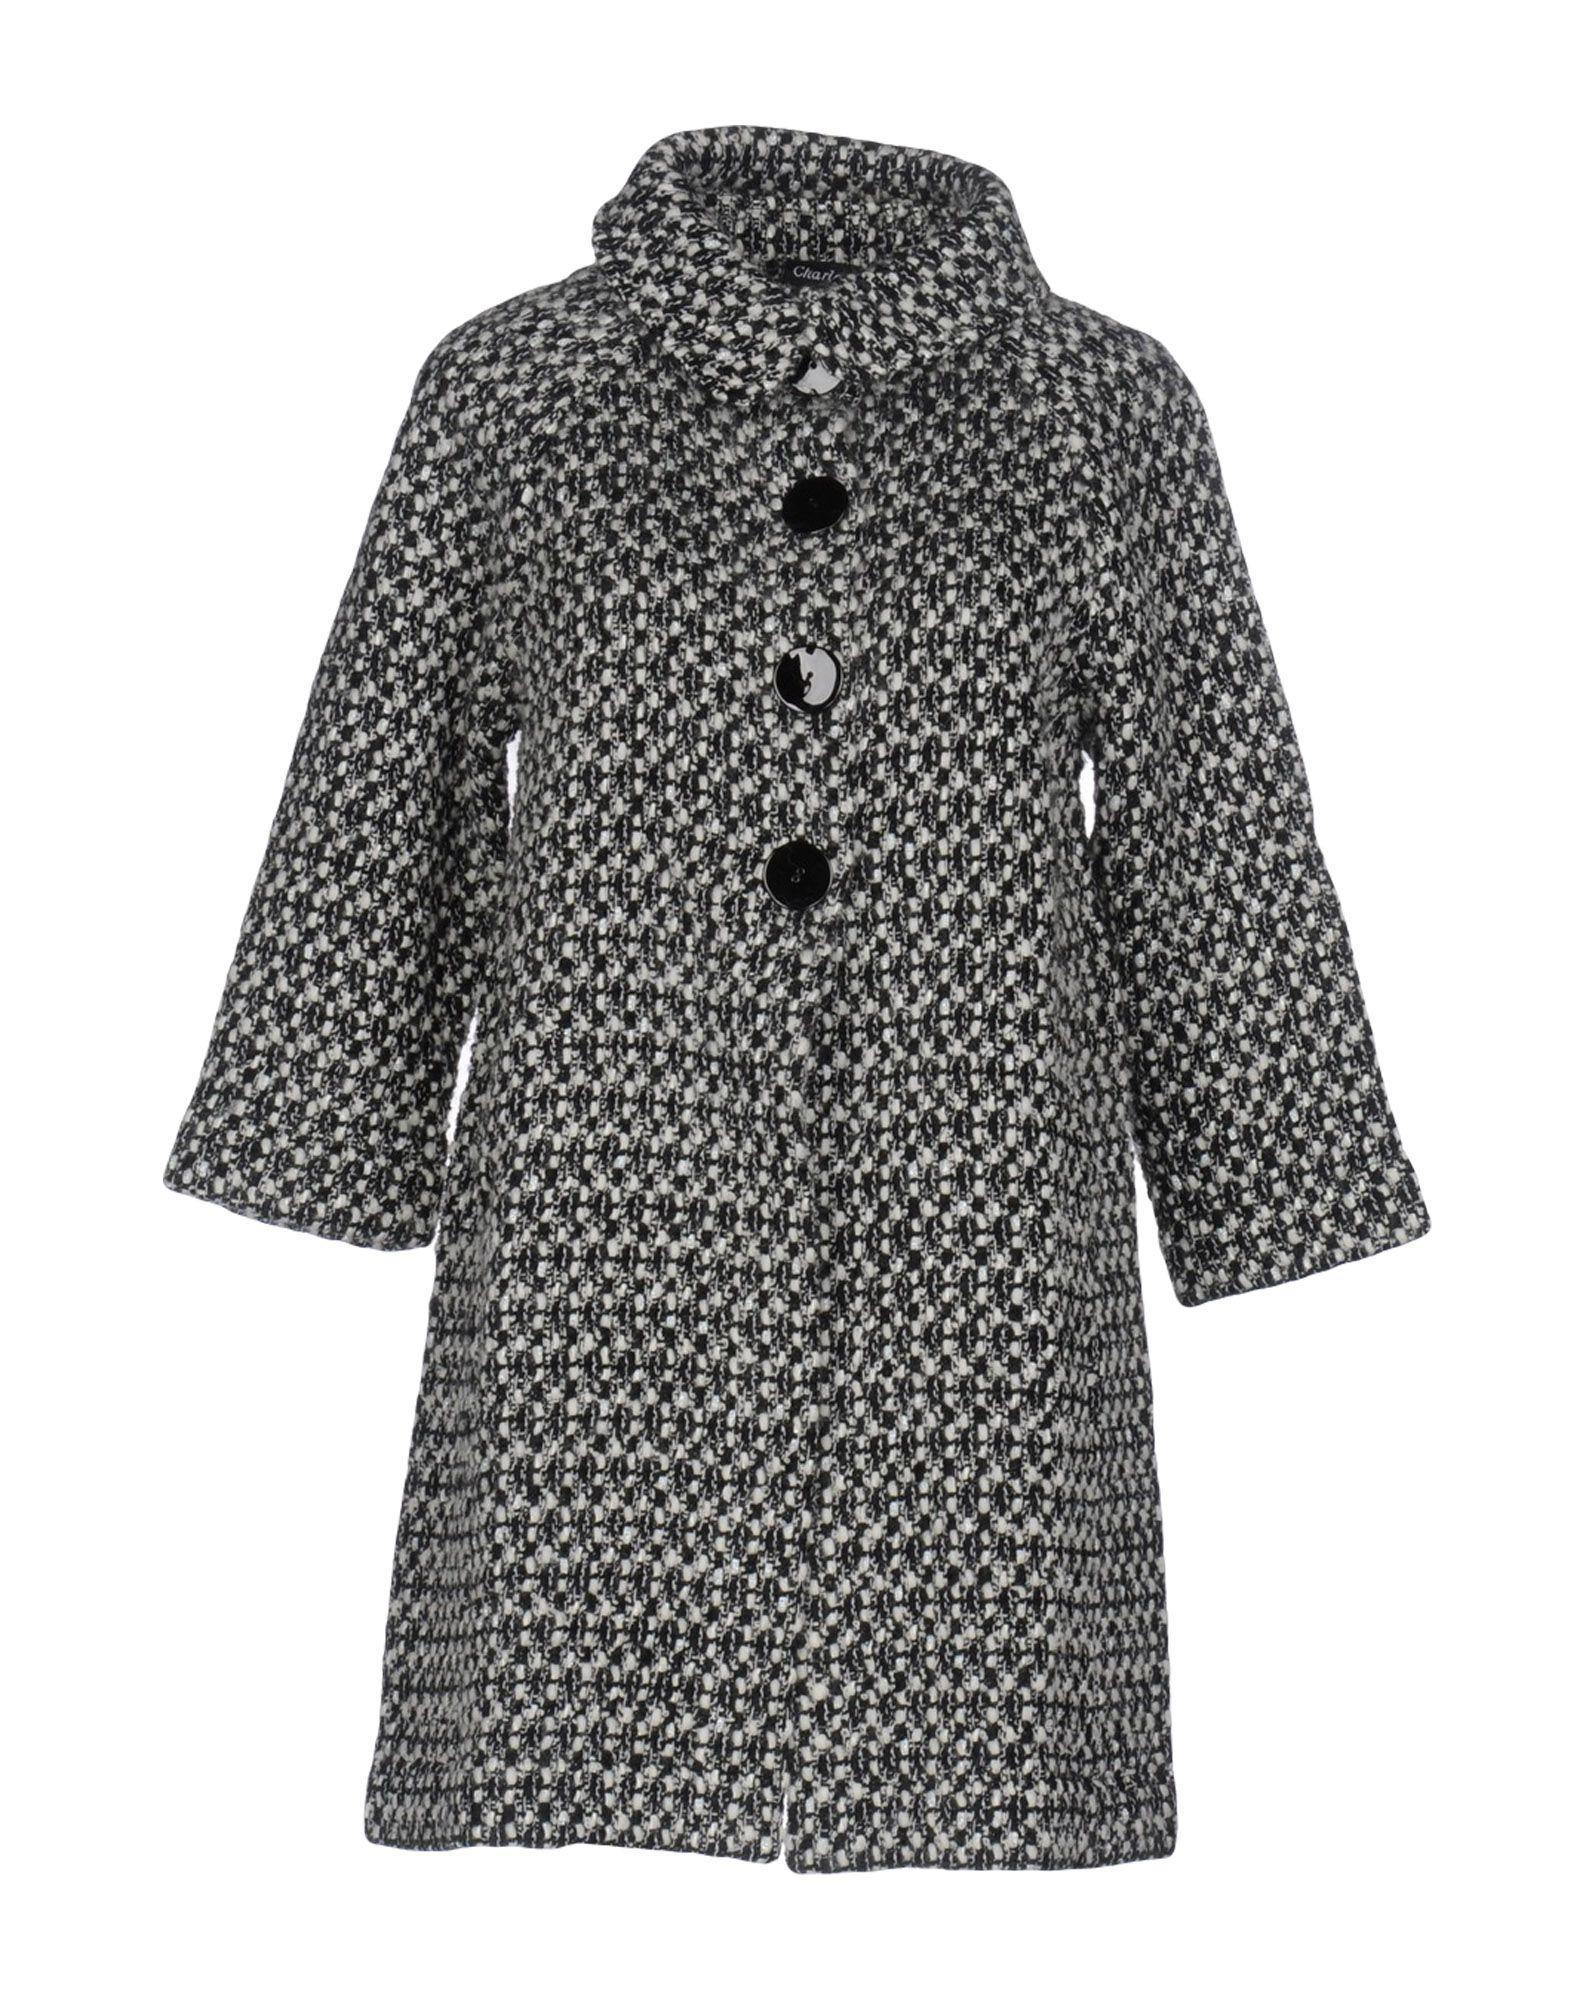 Charlott Coat In Black